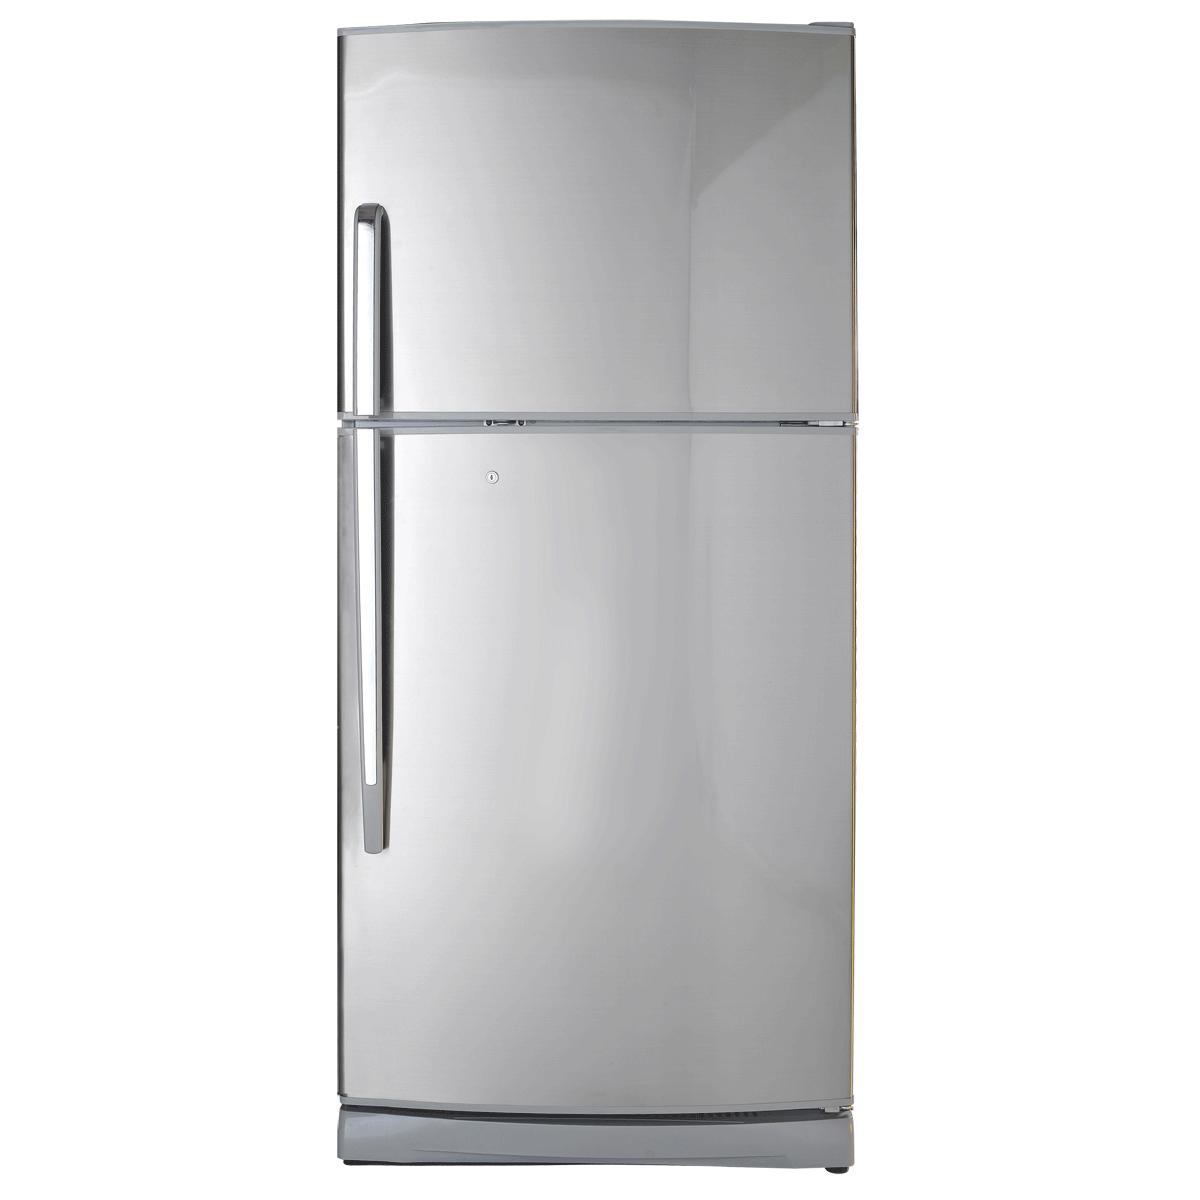 Refrigerator Repair post thumbnail image